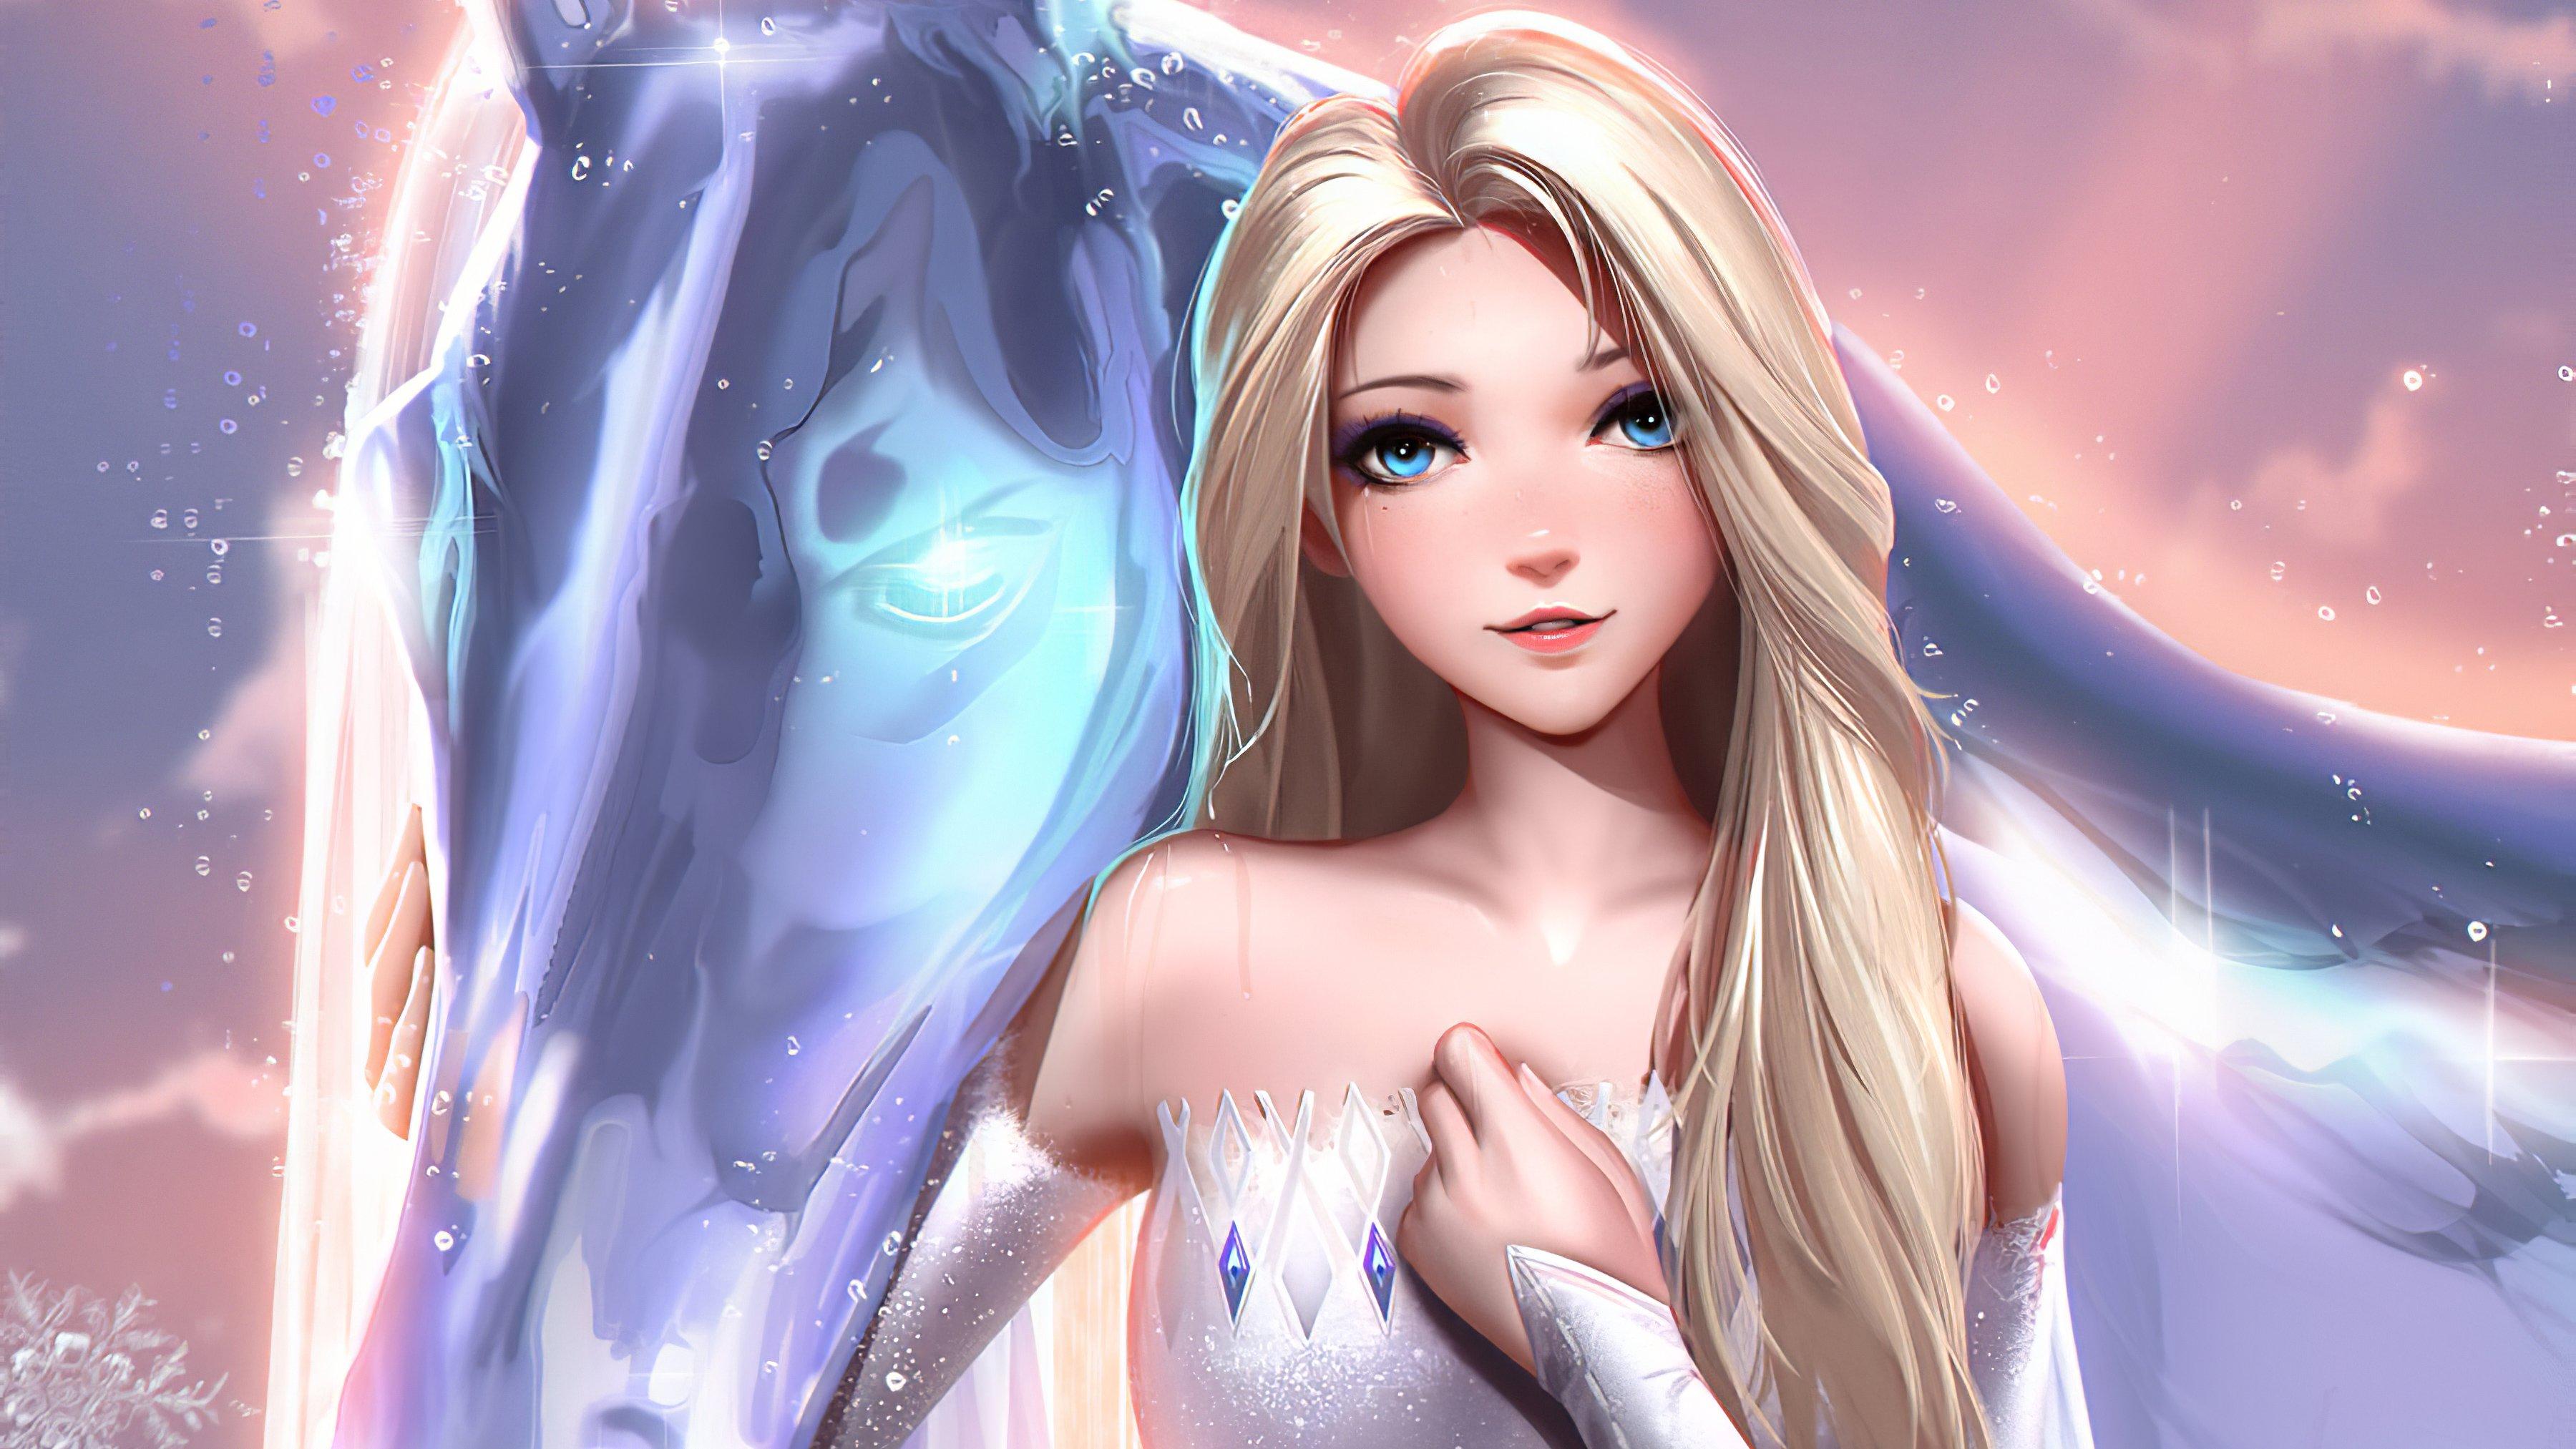 Fondos de pantalla Fanart de Elsa